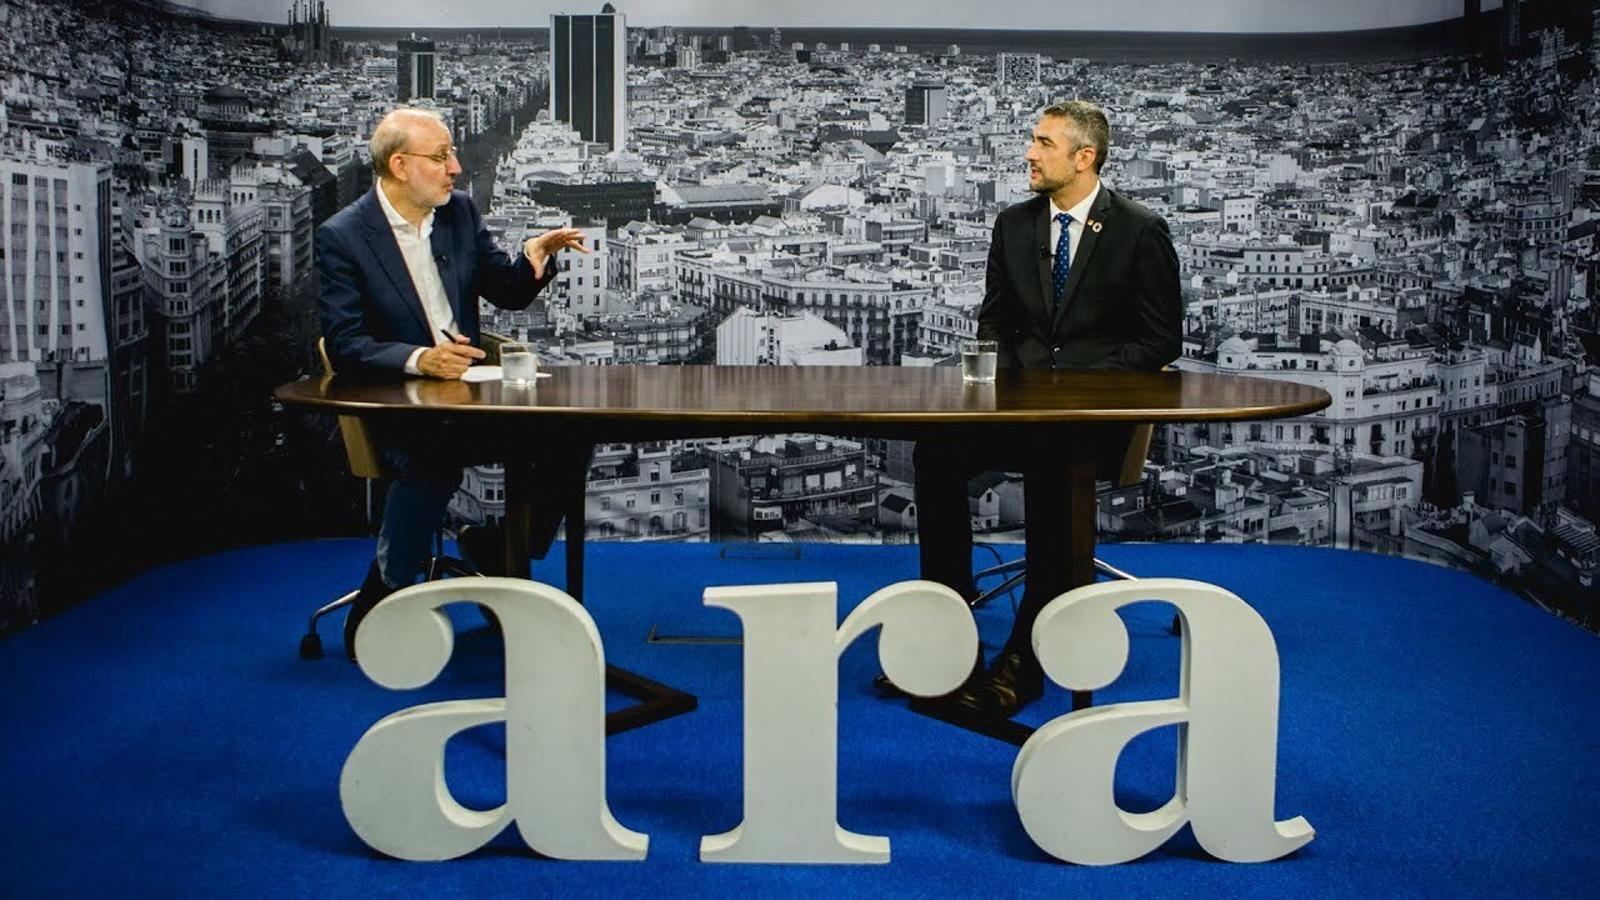 Entrevista d'Antoni Bassas a Bernat Solé